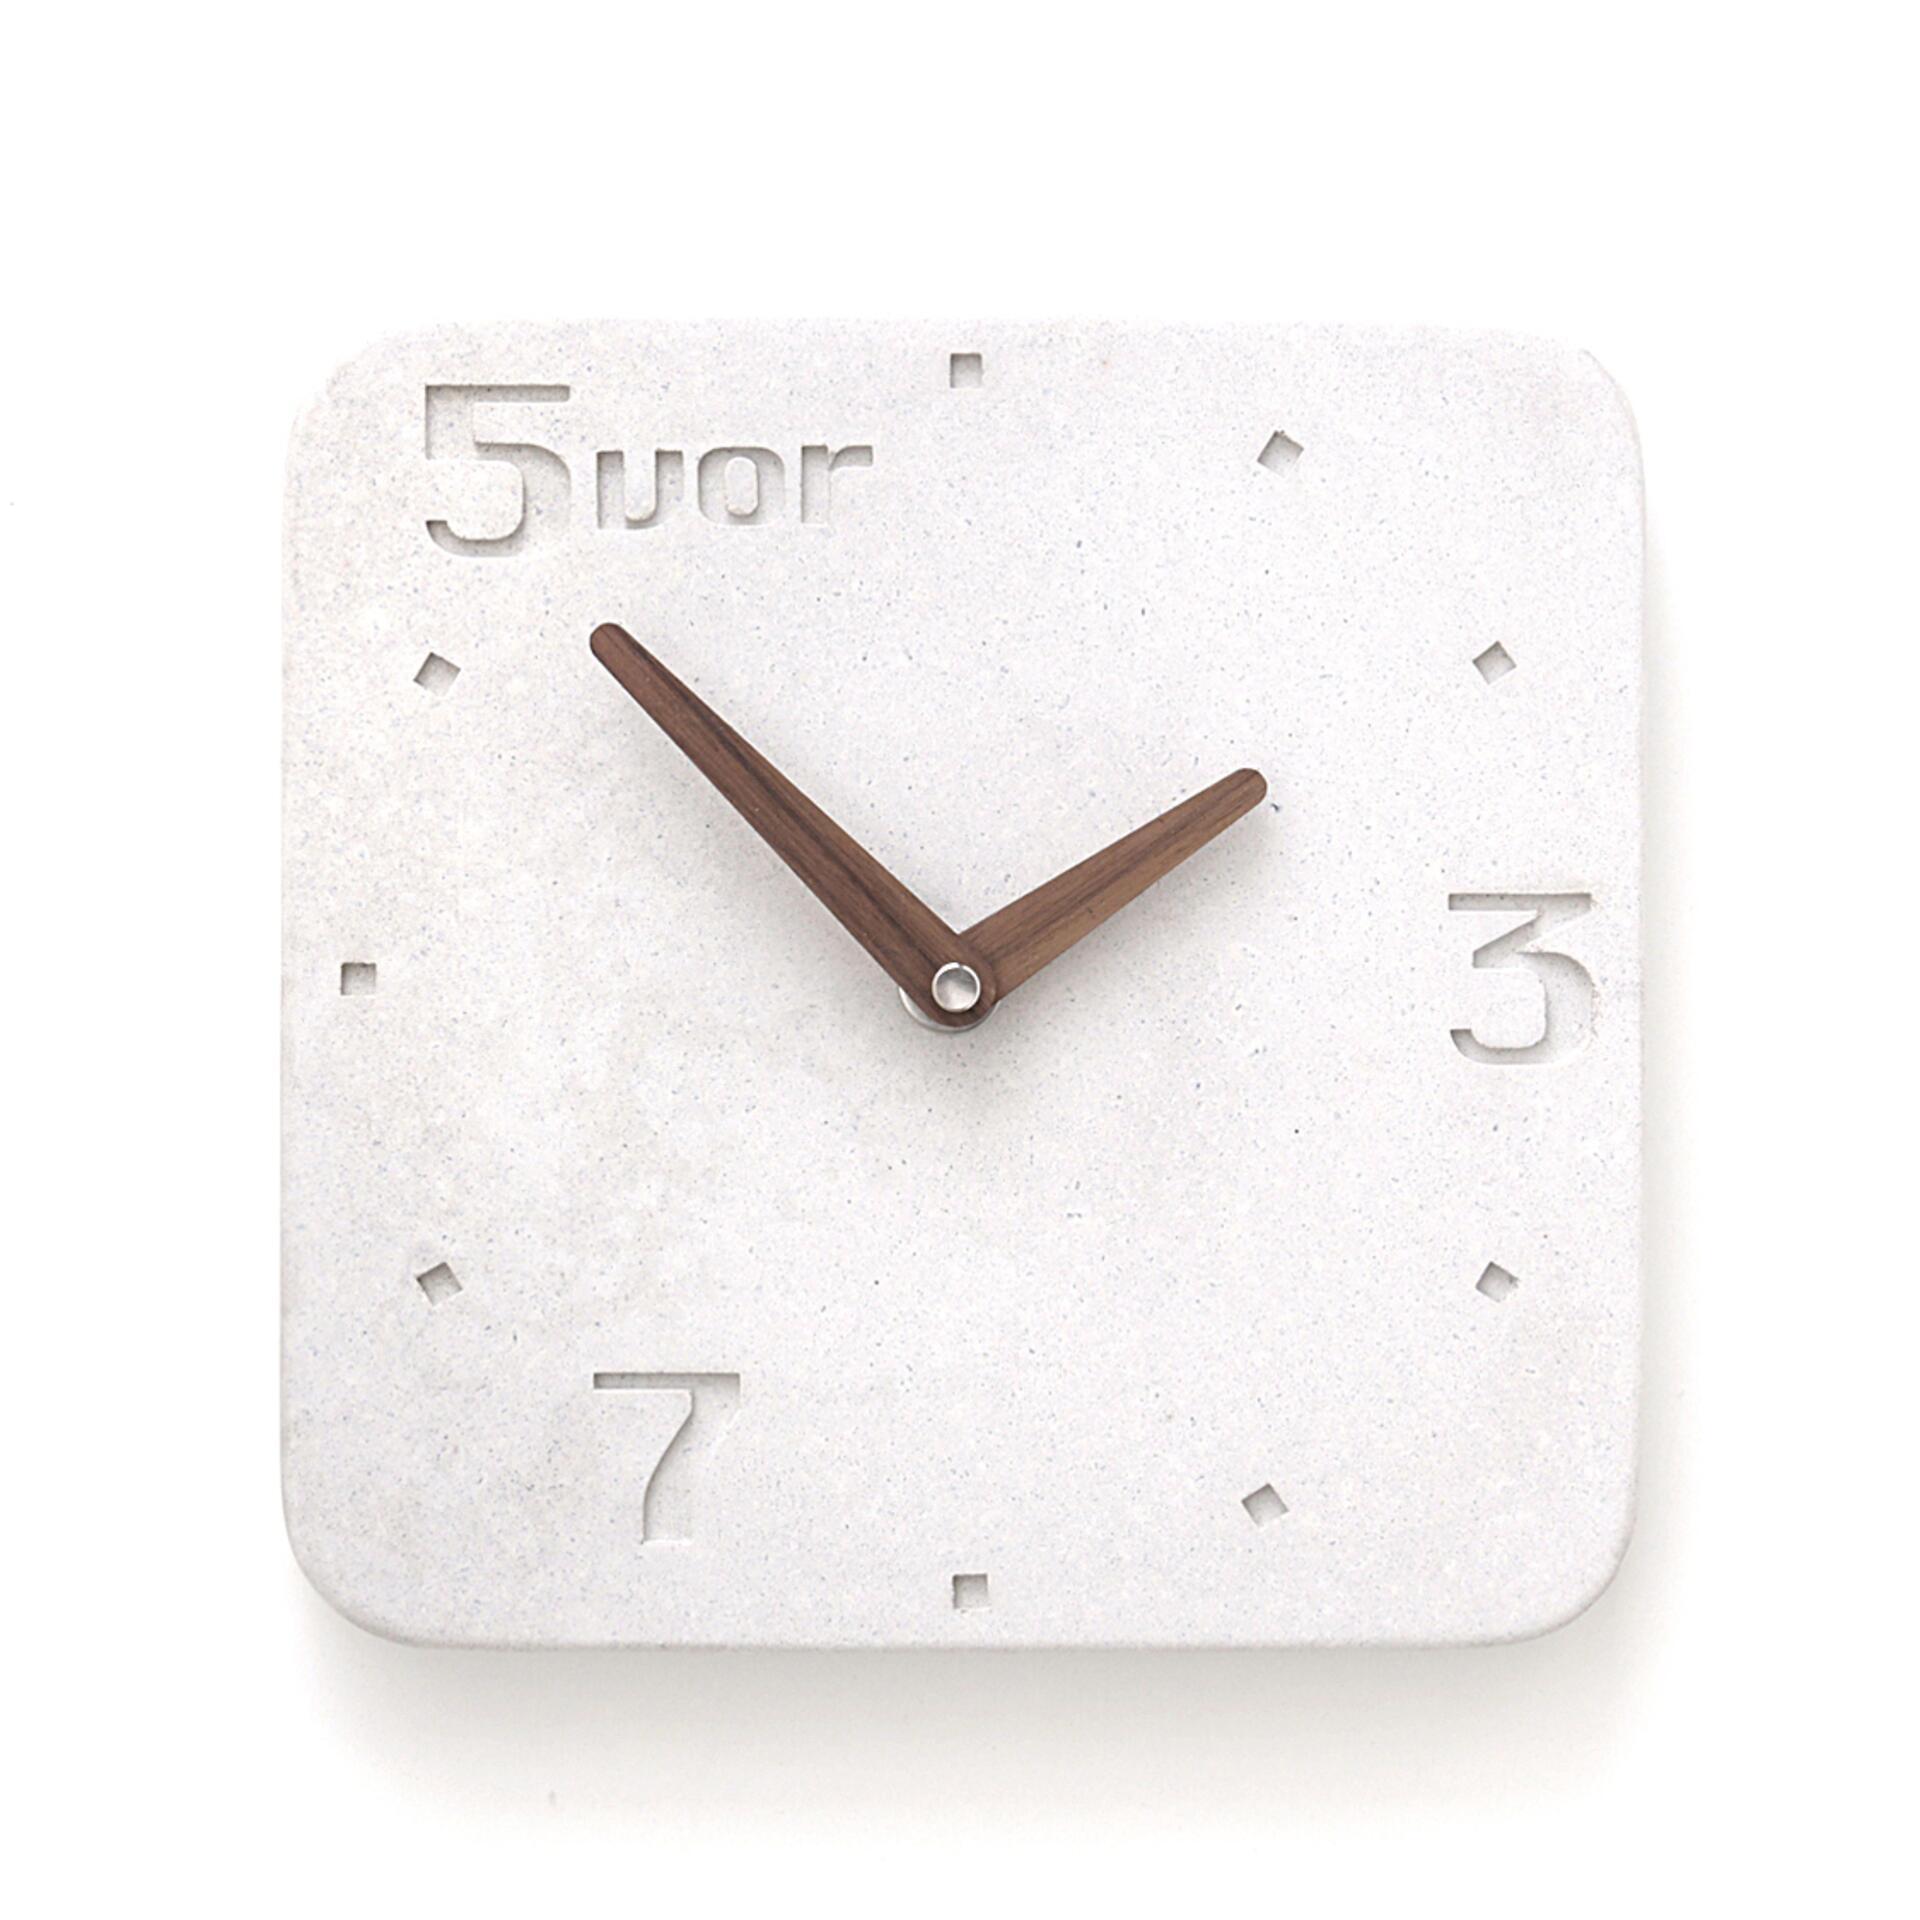 Wertwerke Designuhr aus Beton 5VOR Weiß 30 x 30 cm Nussbaum Vollflächig